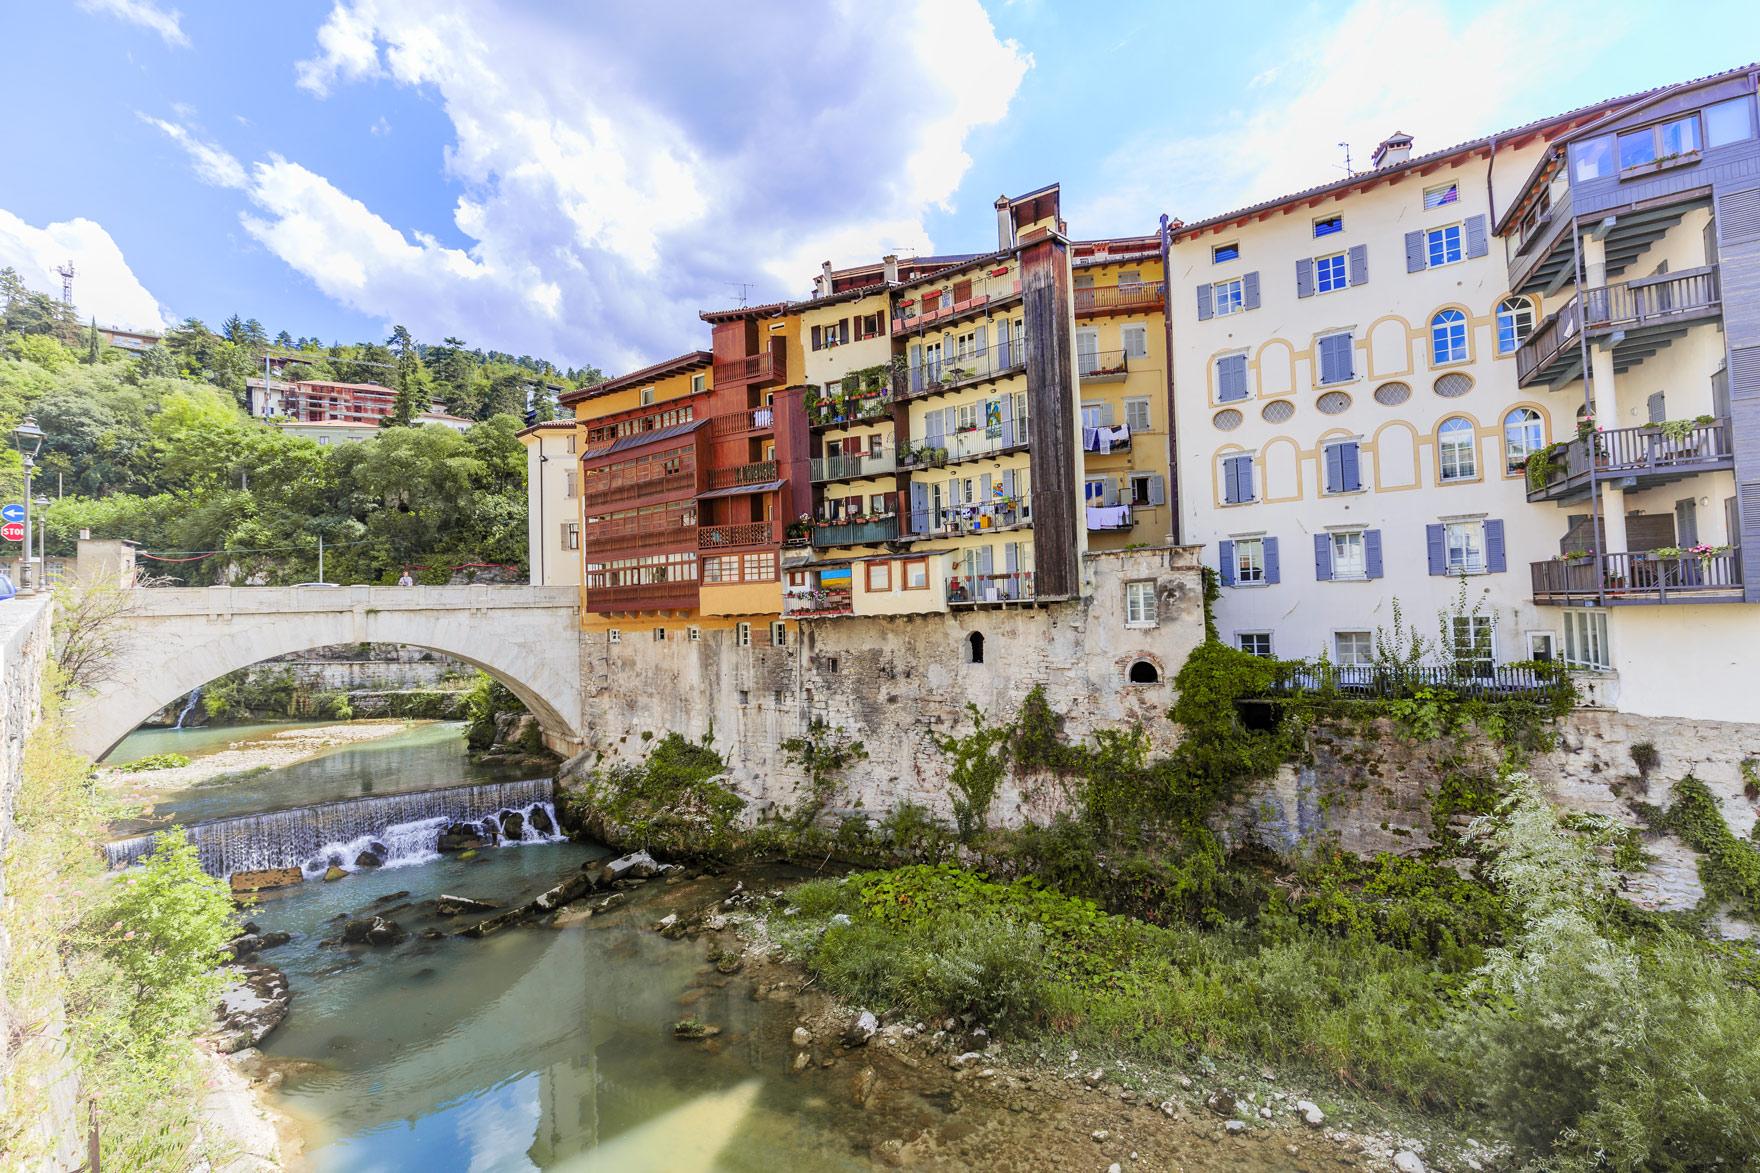 Bunte Häuser an einem Fluss in Rovereto.